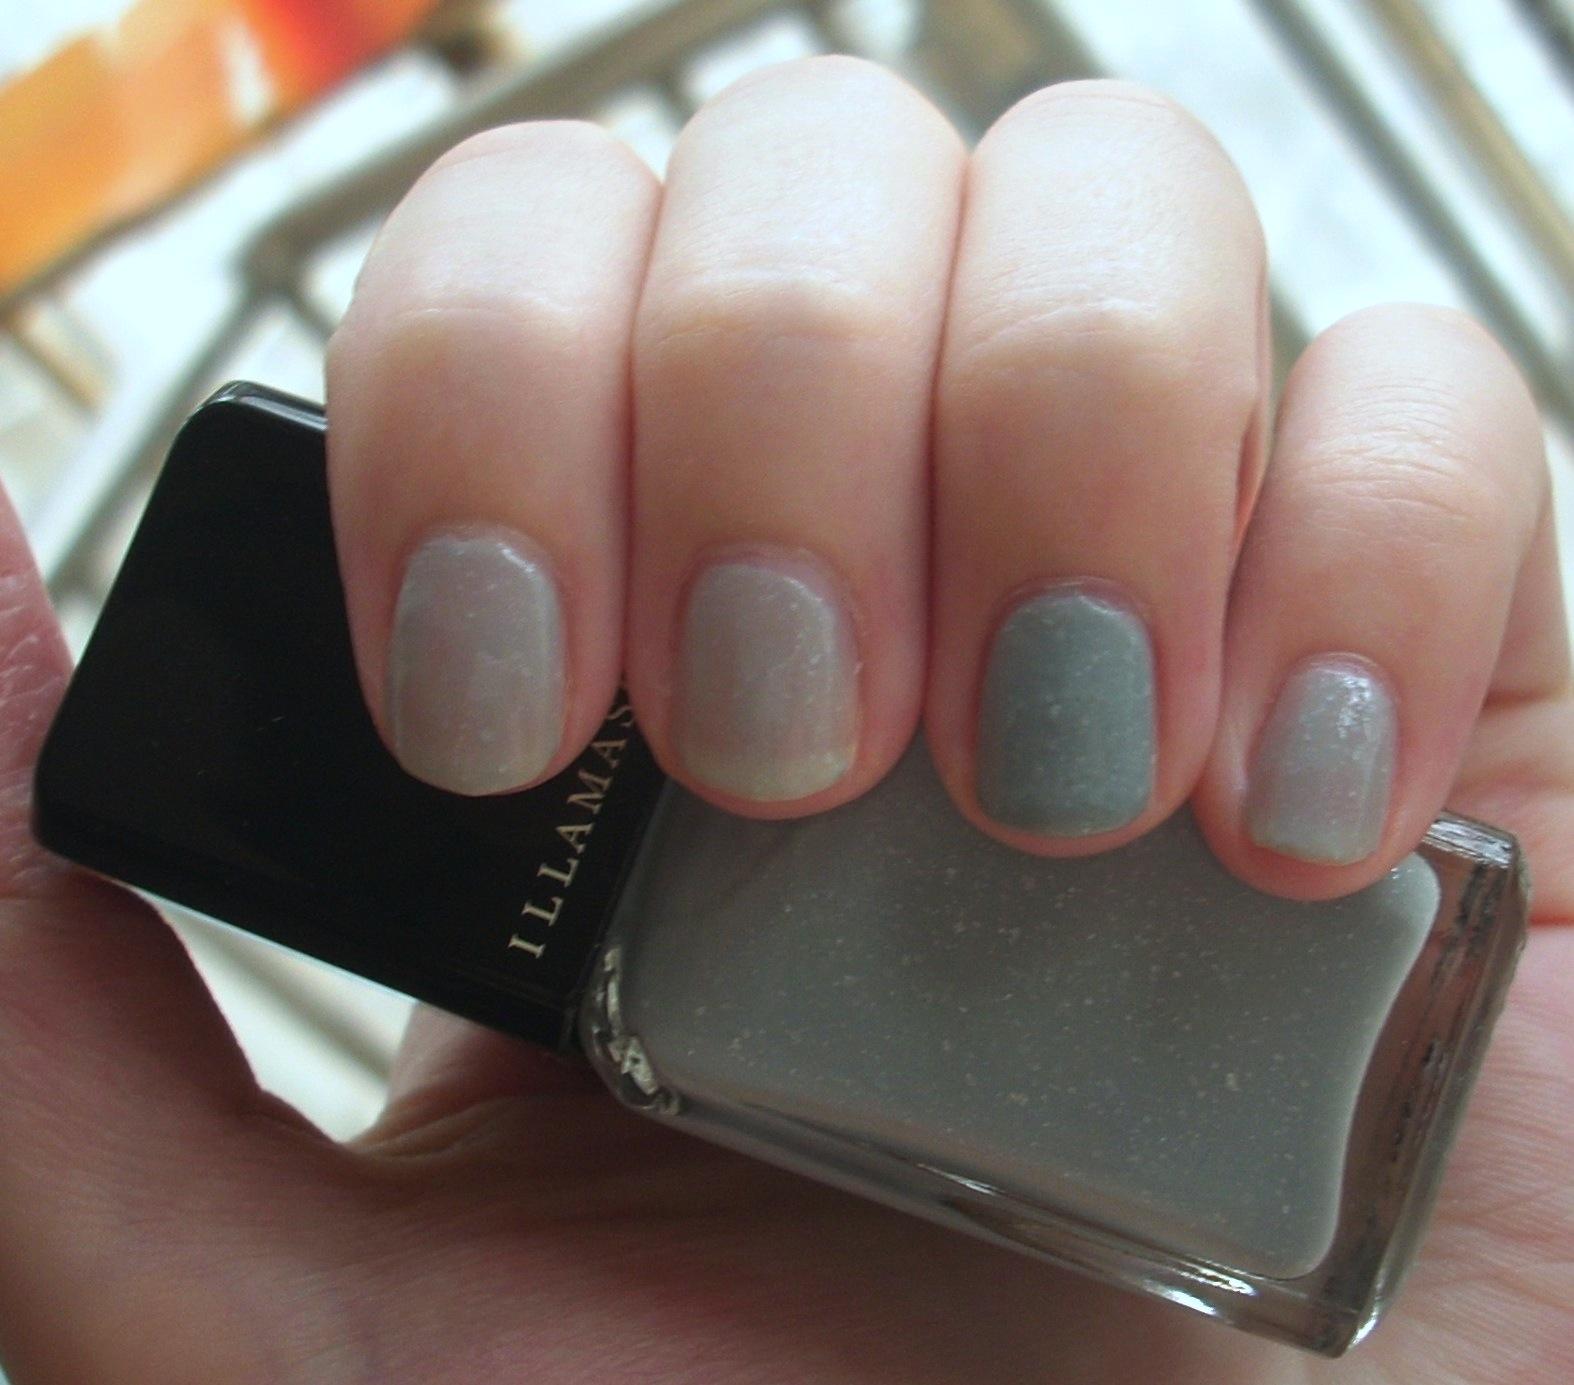 Nail Polish On Pinky Finger Meaning: Illamasqua Raindrops Nail Polish Review